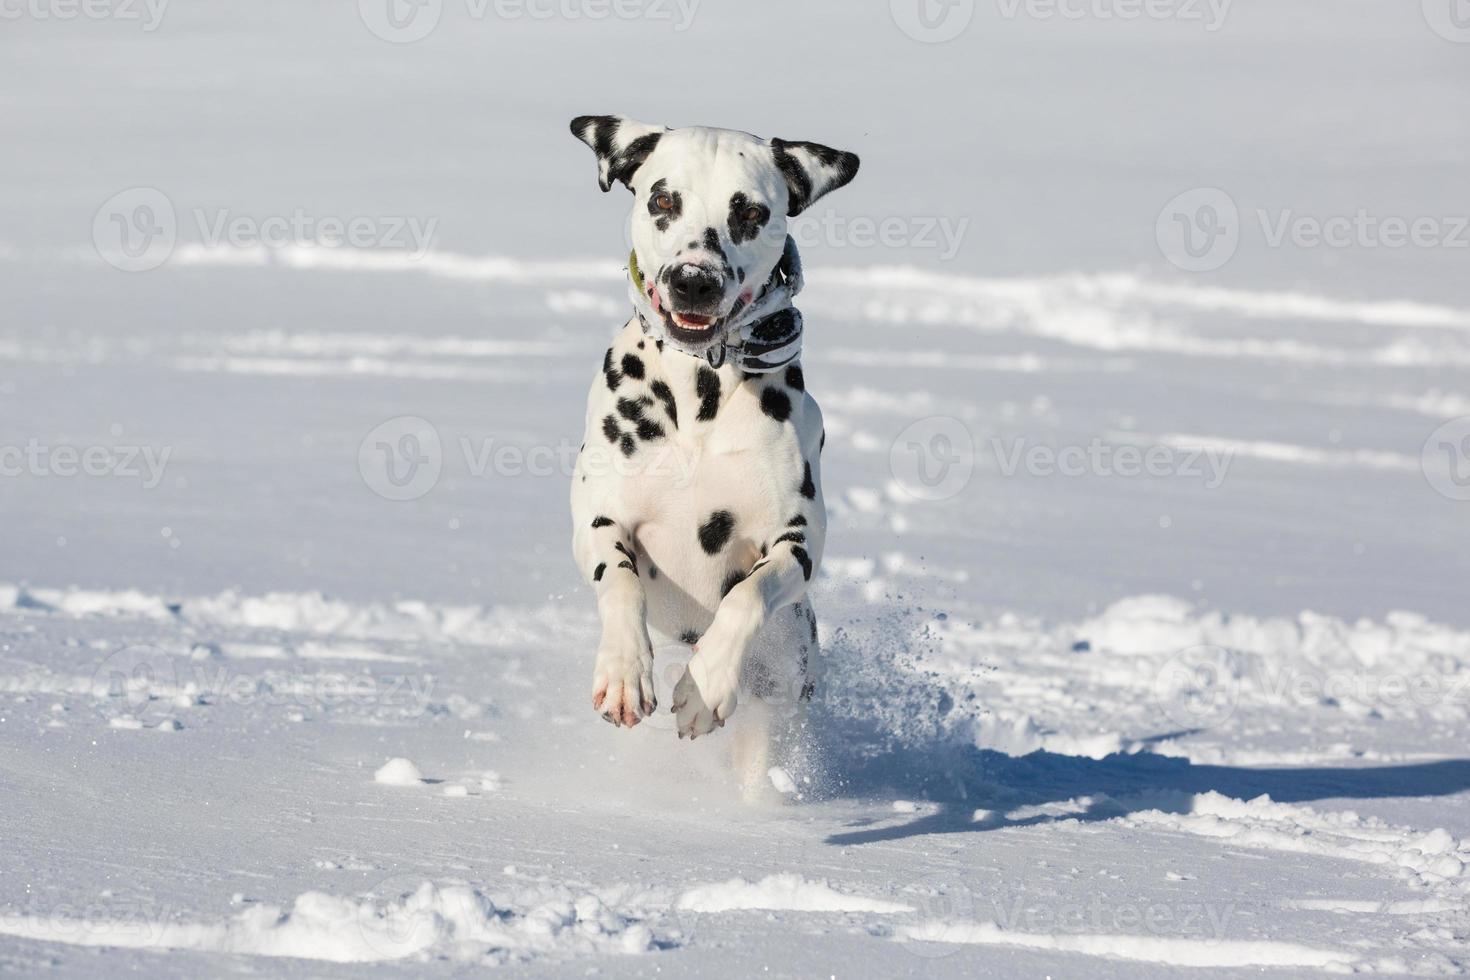 perro dálmata corriendo y saltando en la nieve foto